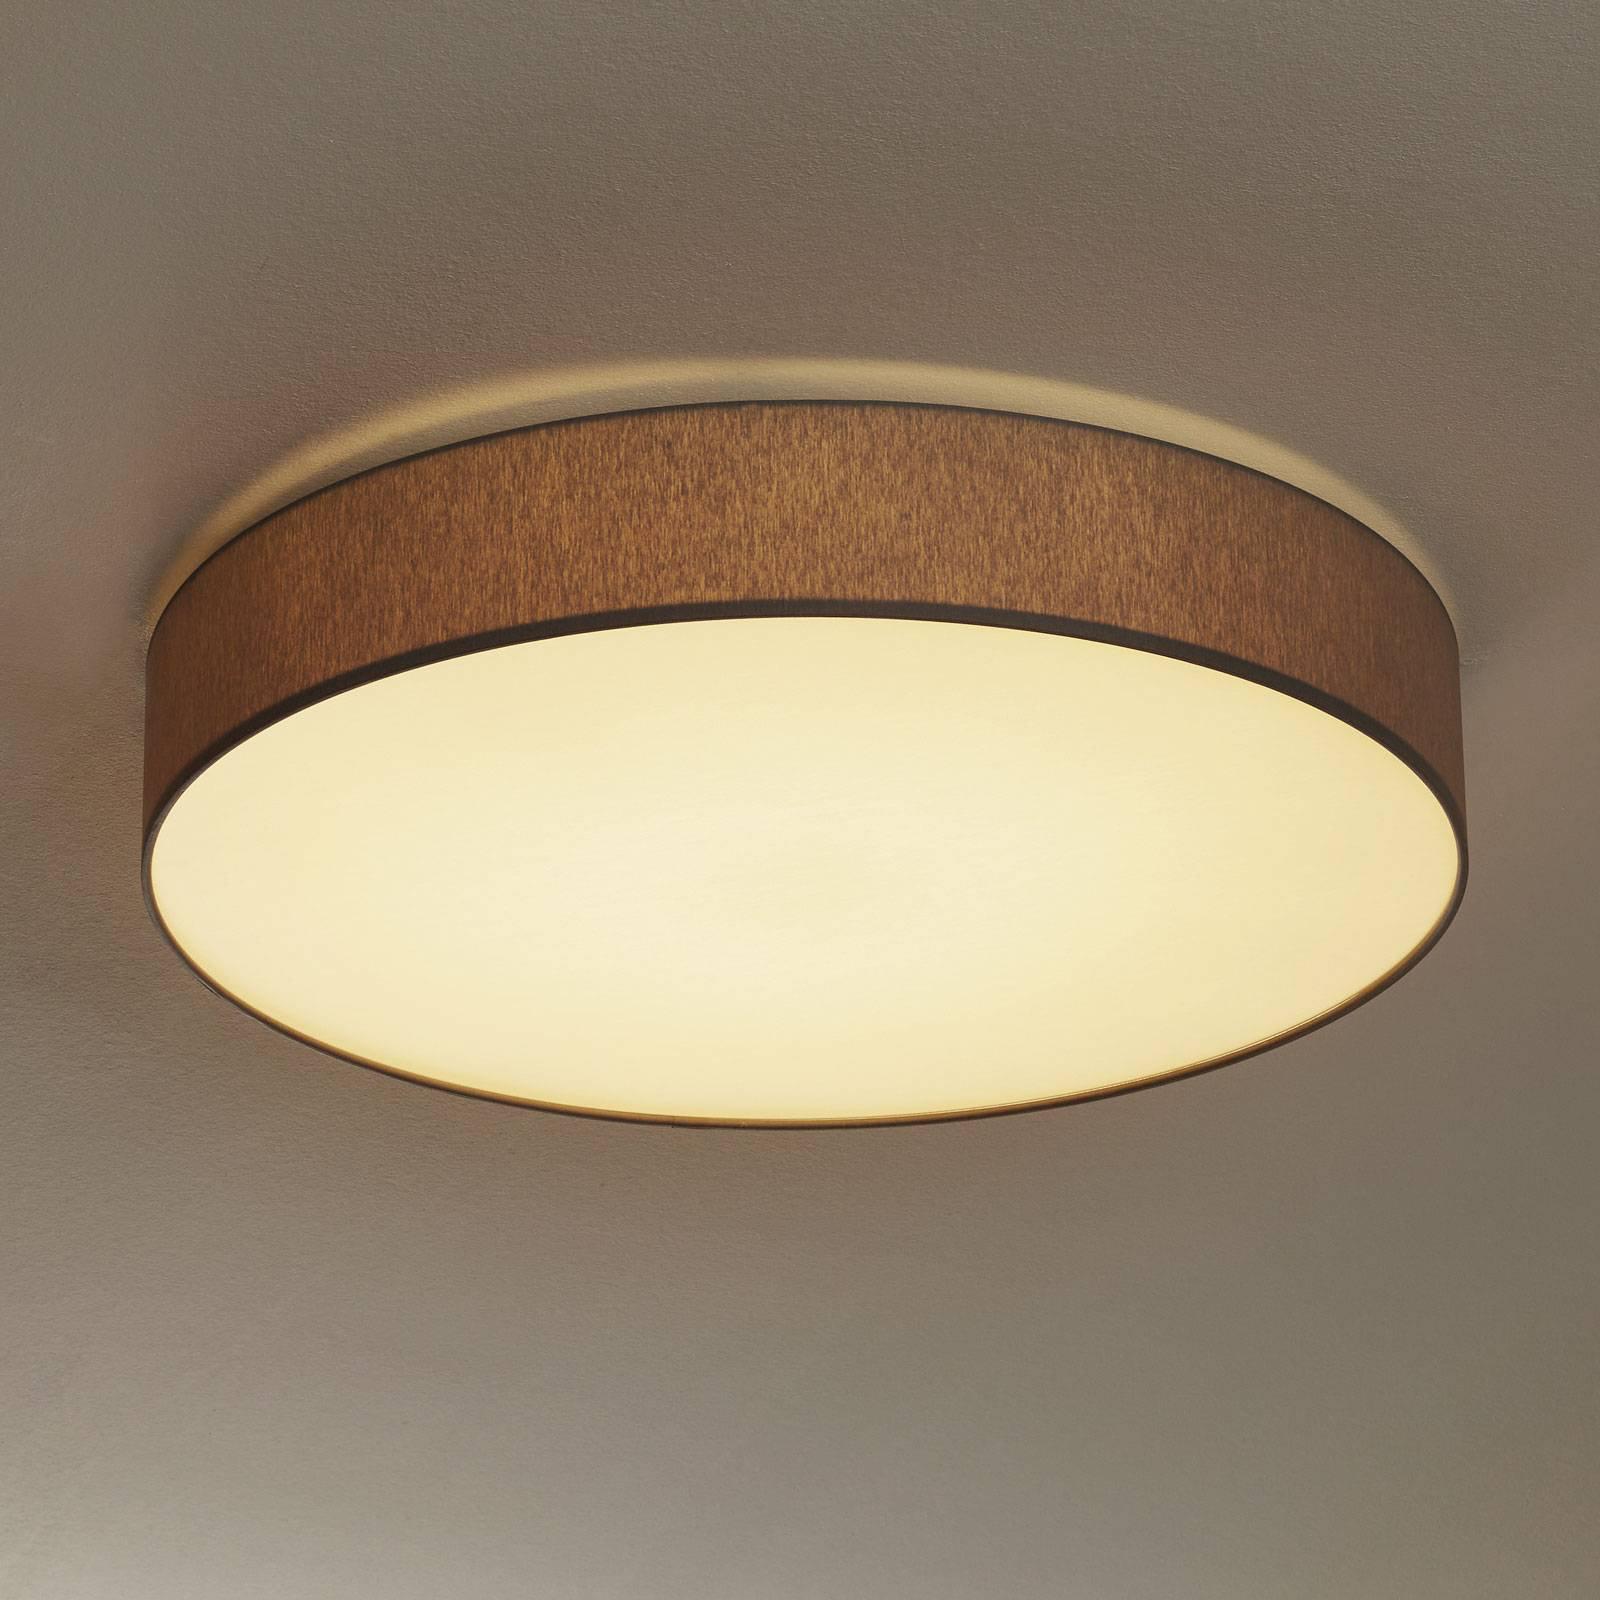 Dimbar LED-taklampe Luno, lysegrå